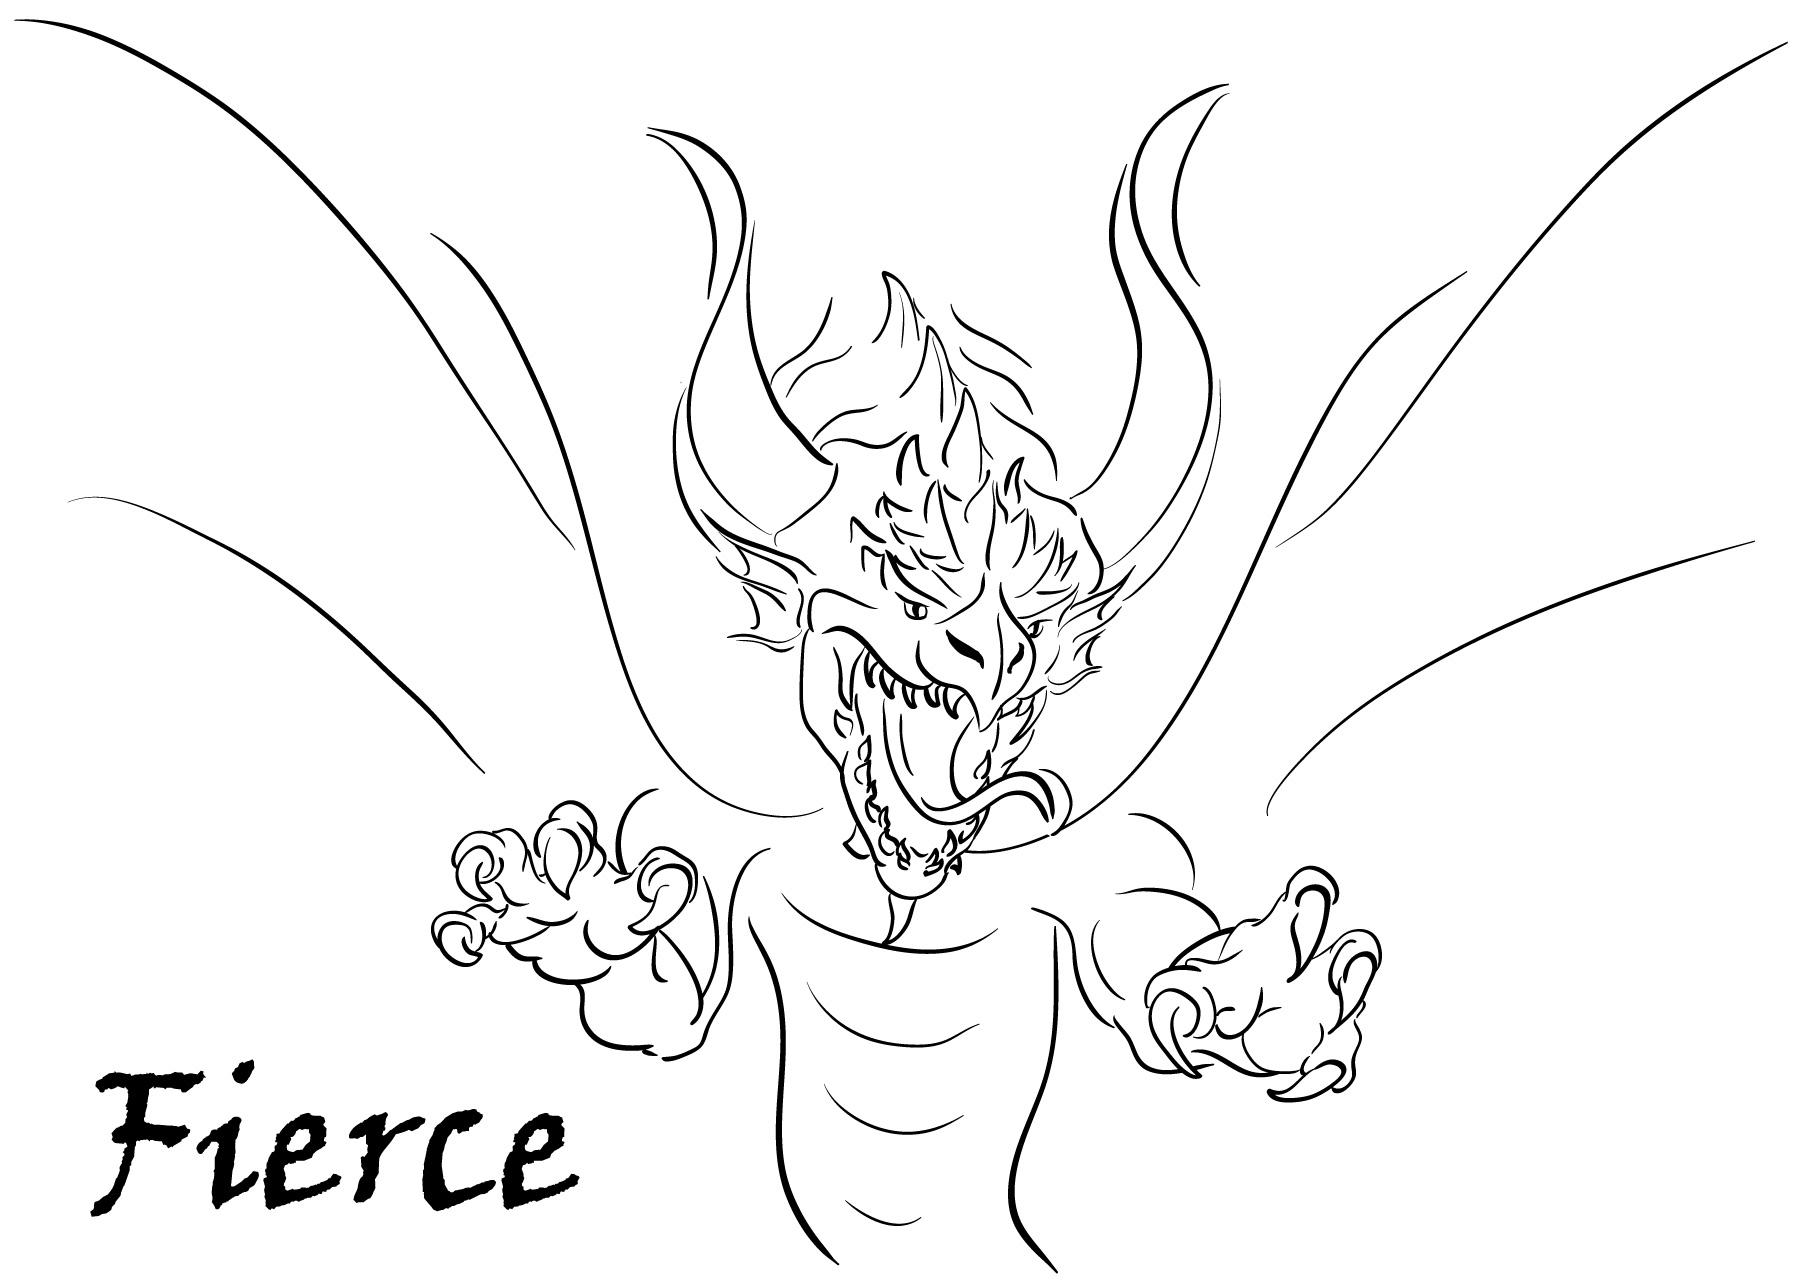 14-Fierce_lines.jpg